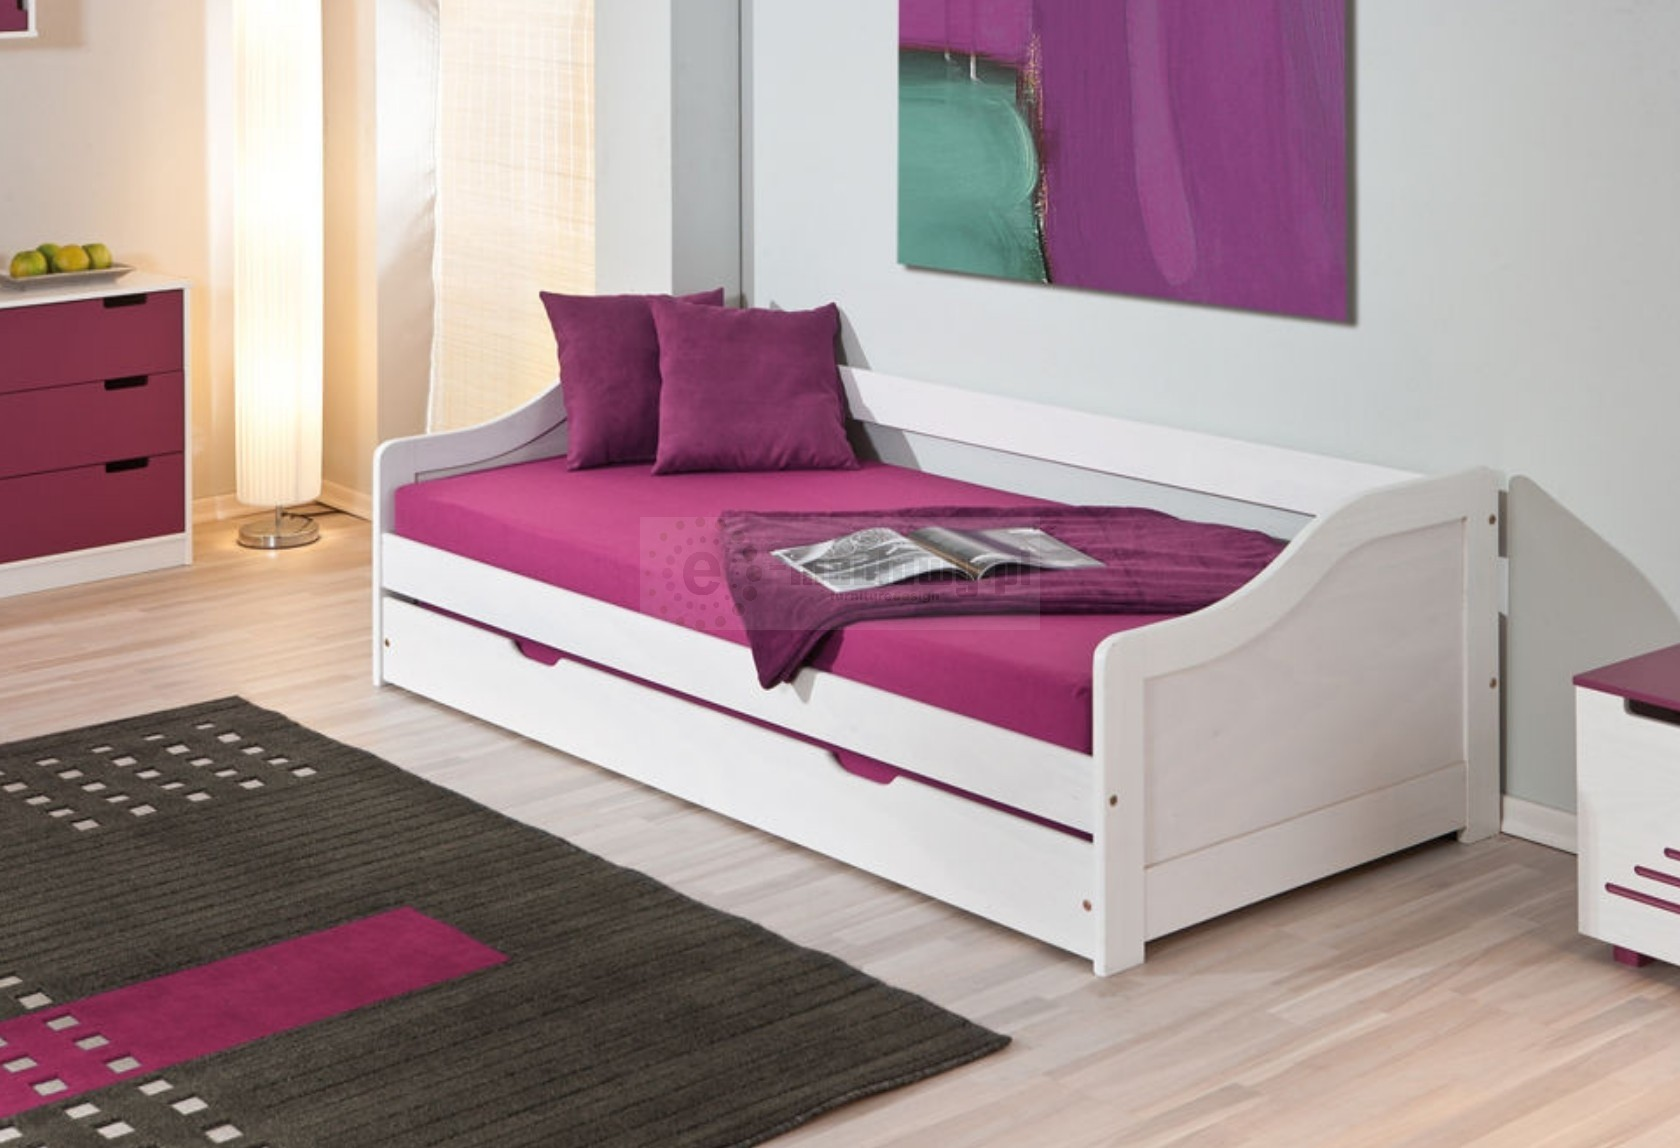 łóżko Dziecięce Core łóżko Dziecięce łóżko Dla Dziecka